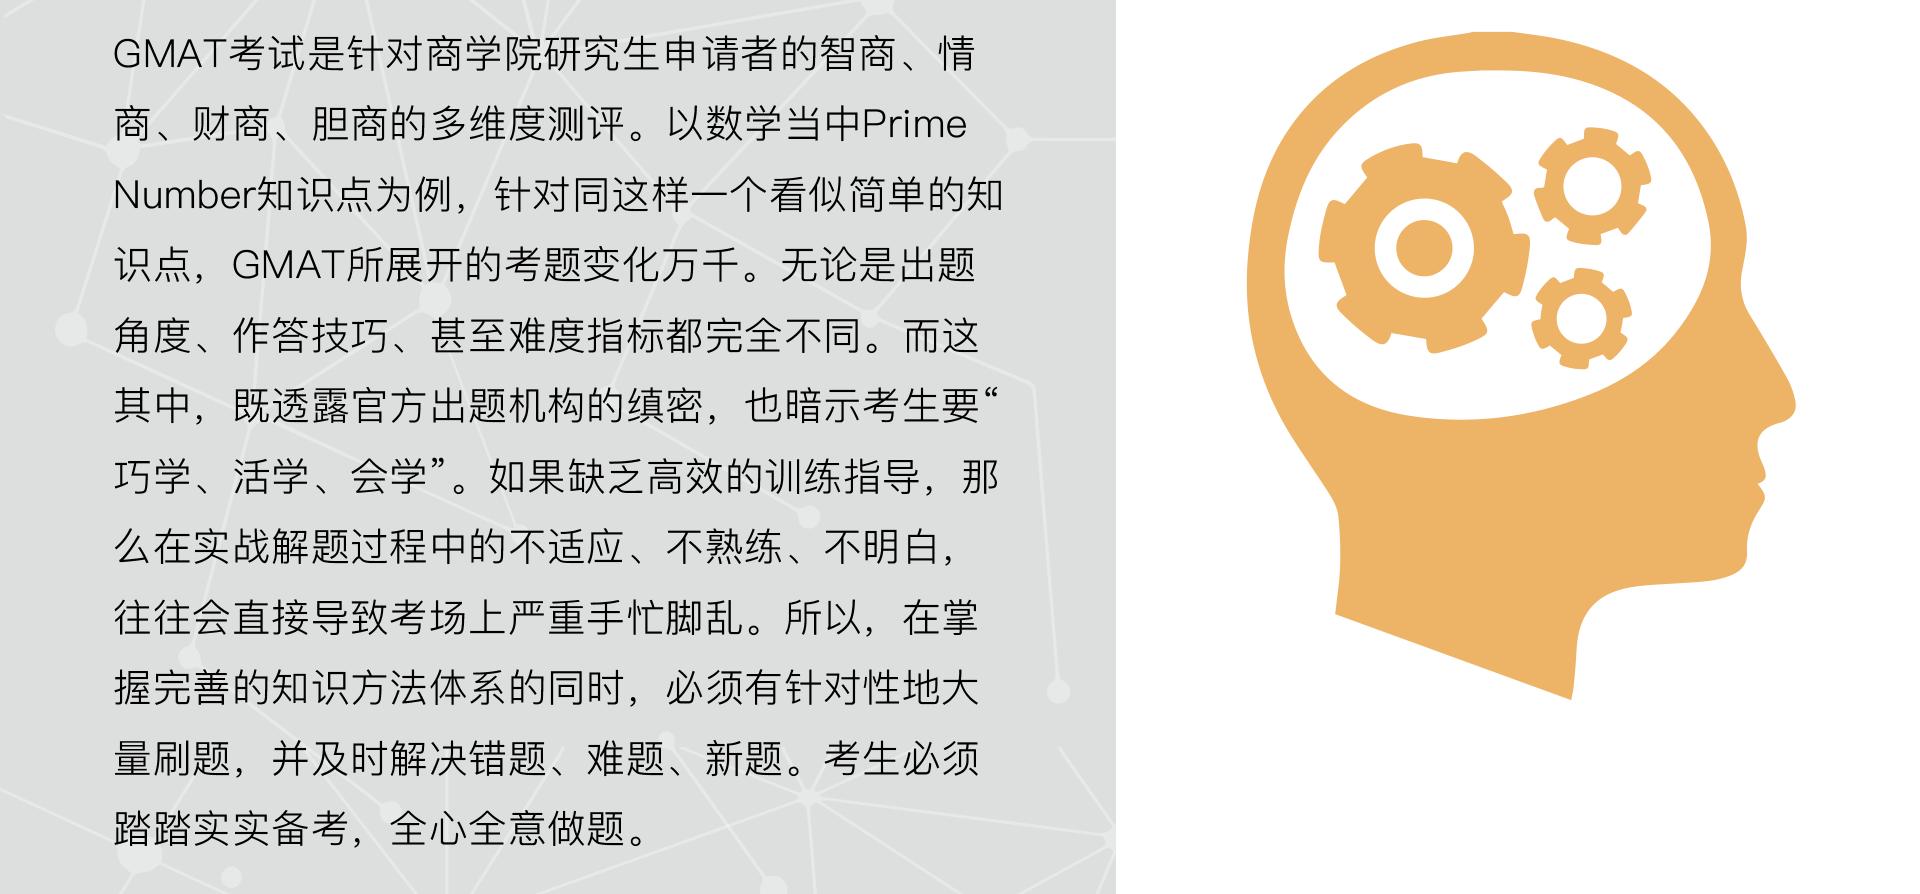 """商科思维、逻辑能力:GMAT考试是针对商学院研究生申请者的智商、情商、财商、胆商的多维度测评。以数学当中Prime Number知识点为例,针对同这样一个看似简单的知识点,GMAT所展开的考题变化万千。无论是出题角度、作答技巧、甚至难度指标都完全不同。而这其中,既透露官方出题机构的缜密,也暗示考生要"""" 巧学、活学、会学""""。如果缺乏高效的训练指导,那么在实战解题过程中的不适应、不熟练、不明白,往往会直接导致考场上严重手忙脚乱。所以,在掌握完善的知识方法体系的同时,必须有针对性地大量刷题,并及时解决错题、难题、新题。考生必须踏踏实实备考,全心全意做题。"""